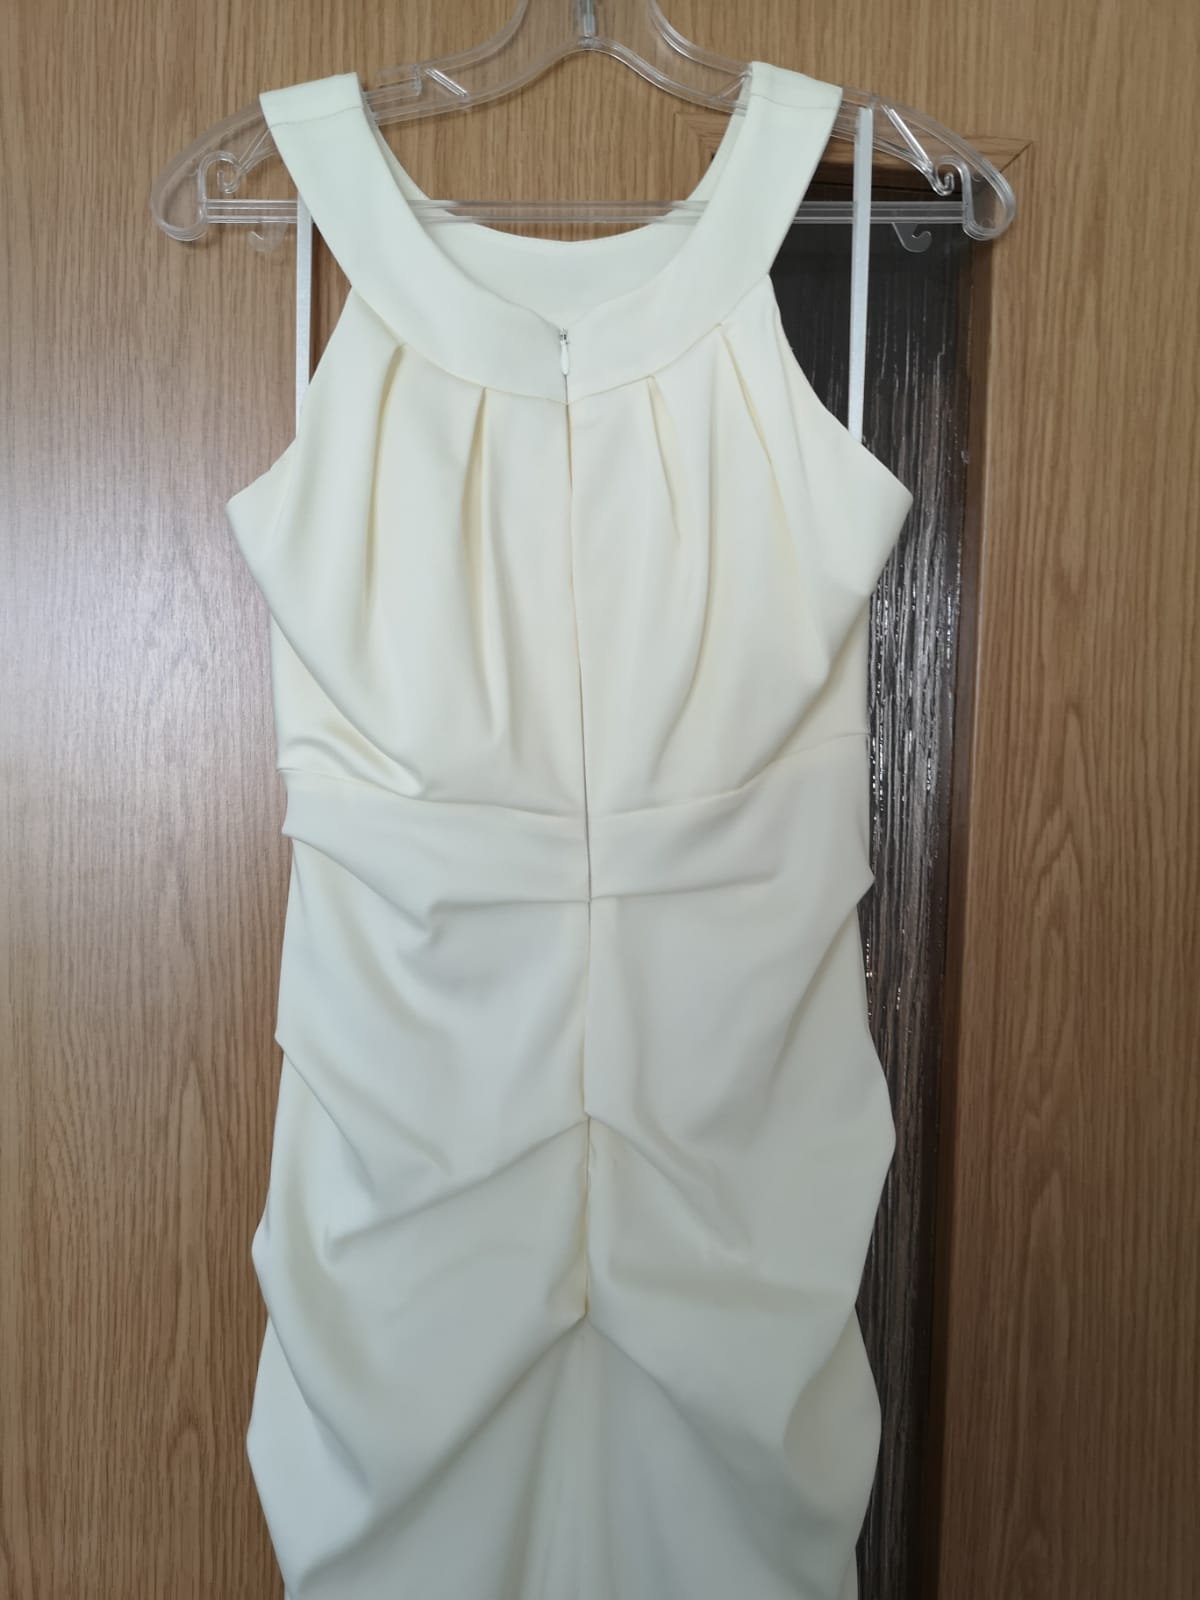 Šaty EL vel. 36 - Obrázek č. 4